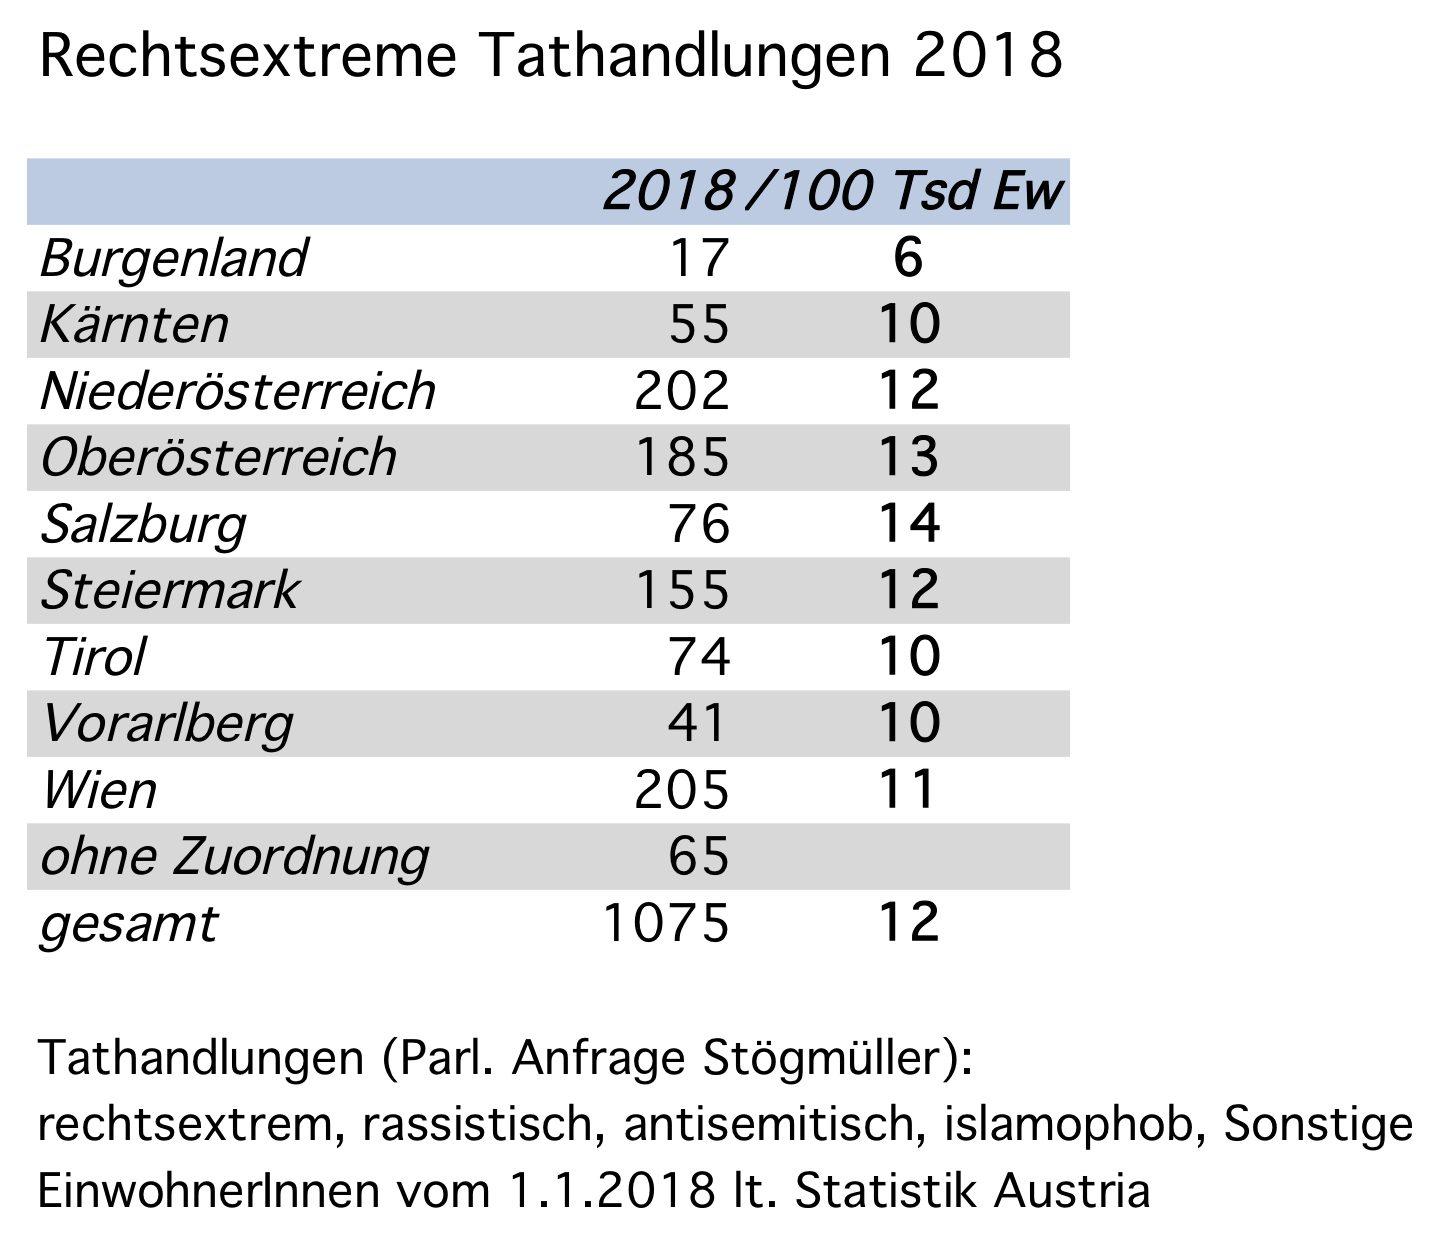 rechtsextrem motivierte Tathandlungen 2018